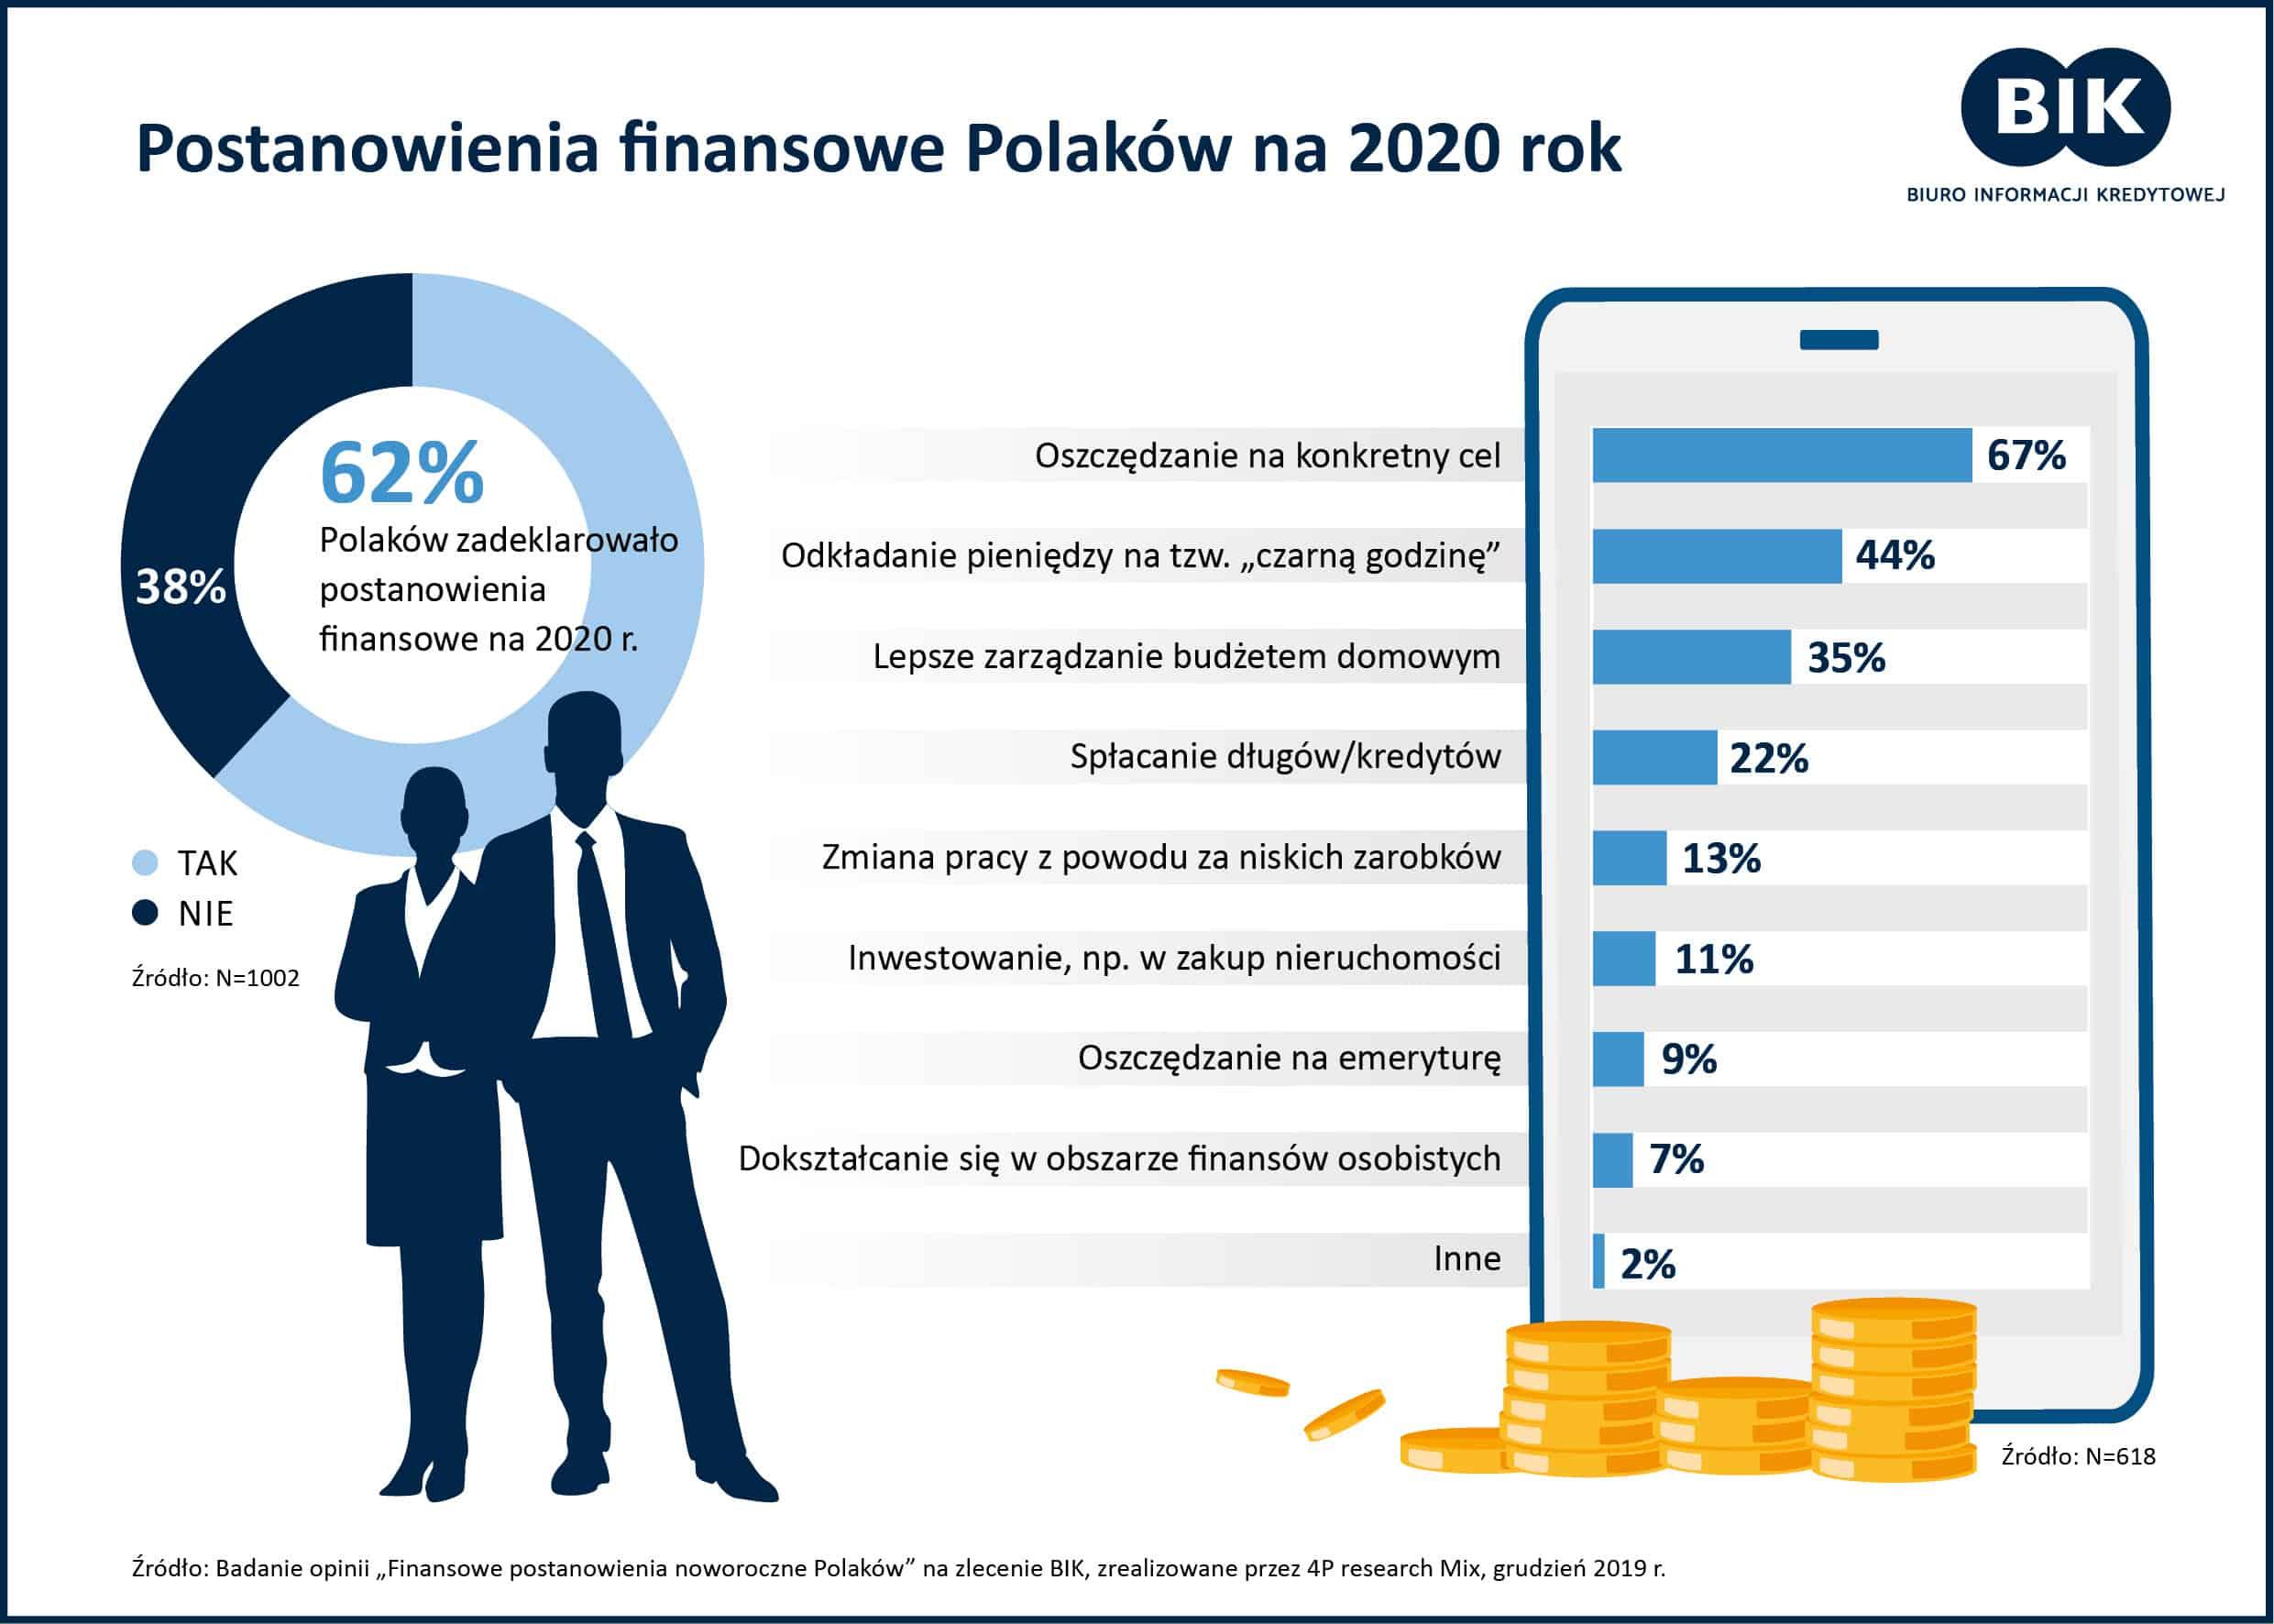 Finansowe postanowienia noworoczne Polaków